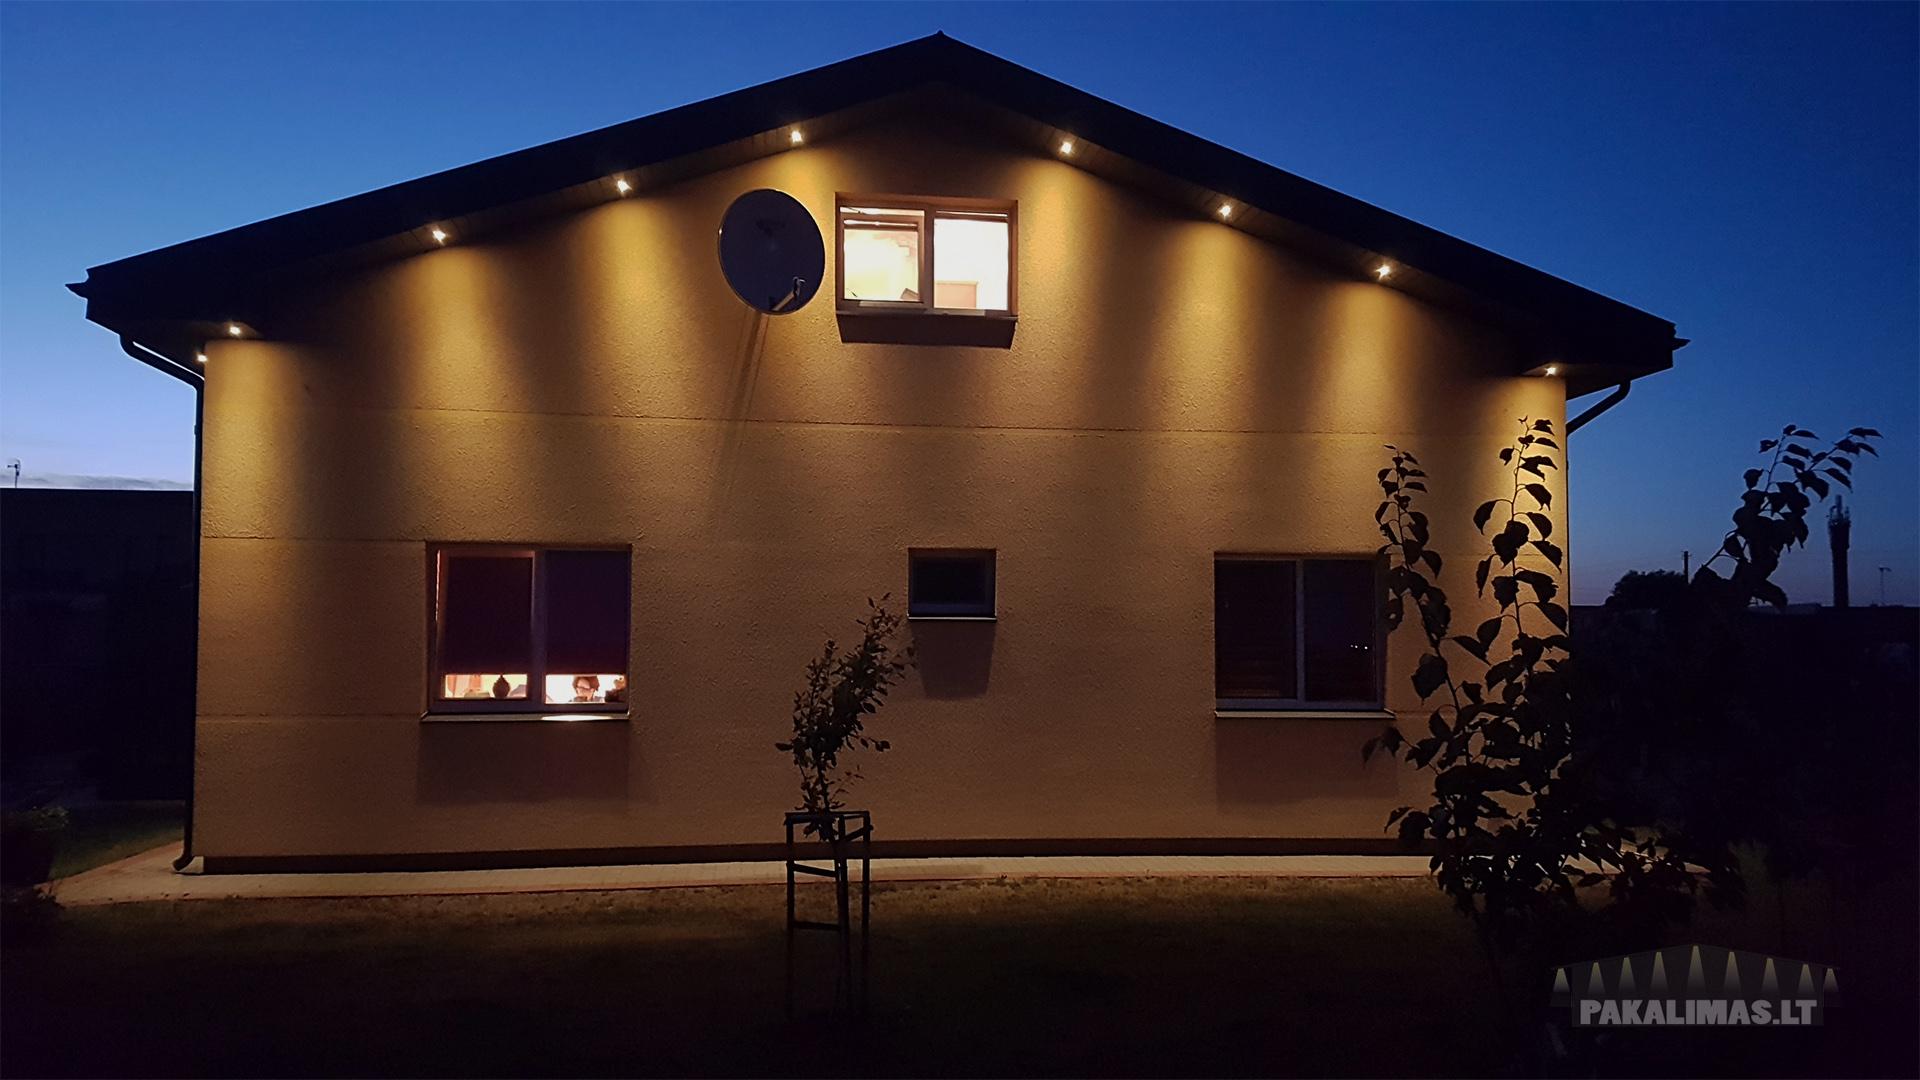 Didesni tarpai tarp LED šviestuvų pakalimuose